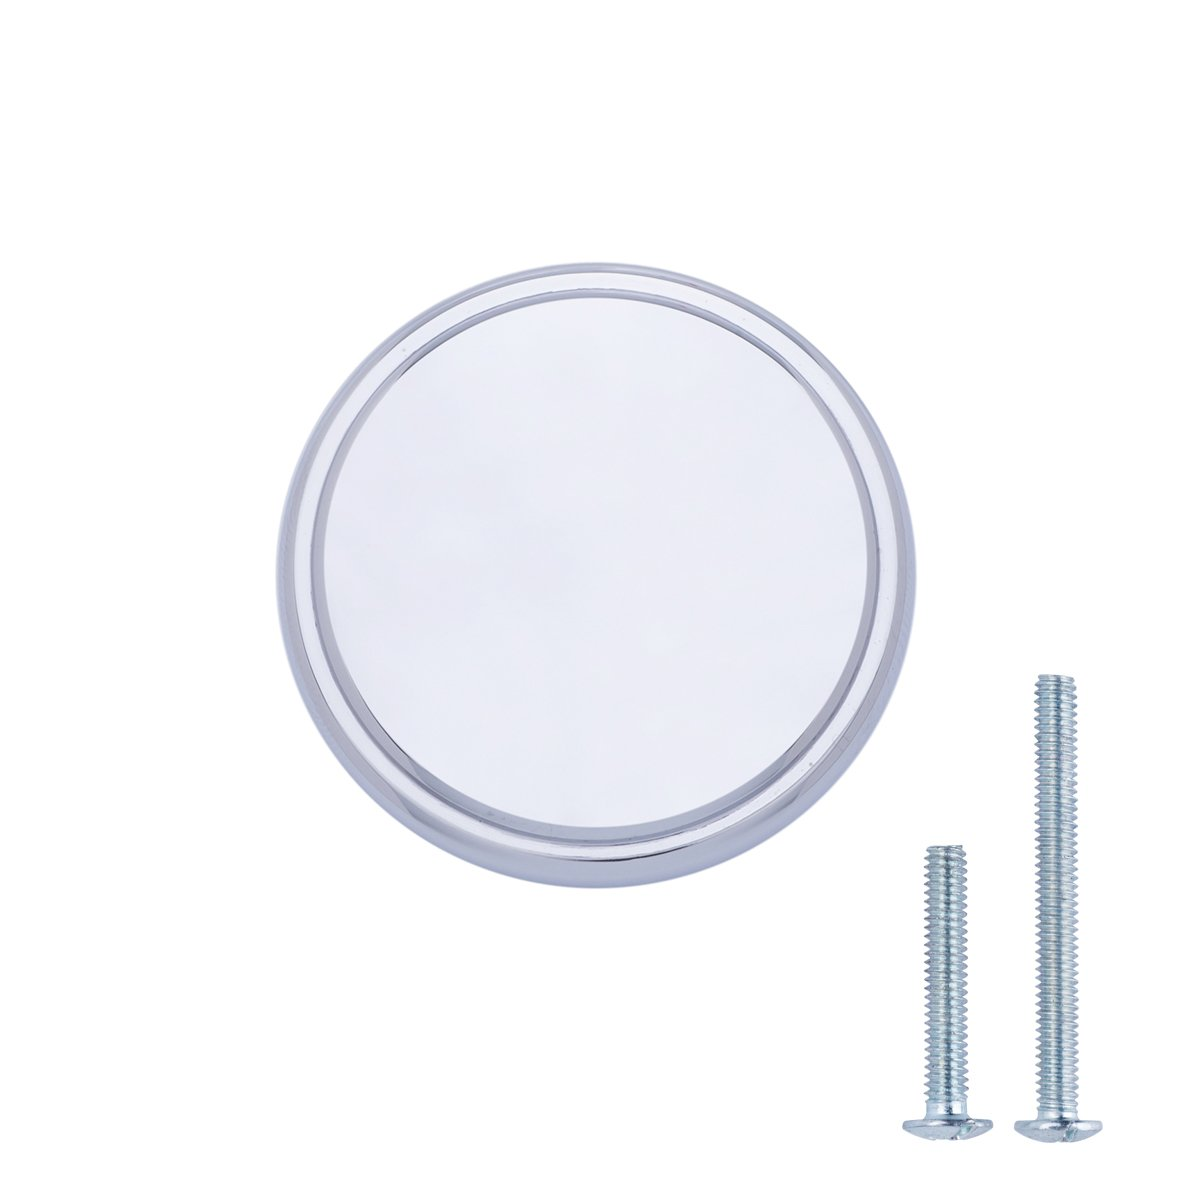 AmazonBasics - Pomolo con ampio bordo ad anello per mobili, stile moderno, Diametro: 3,85 cm, Bronzo anticato, confezione da 10 AB1300-OR-10